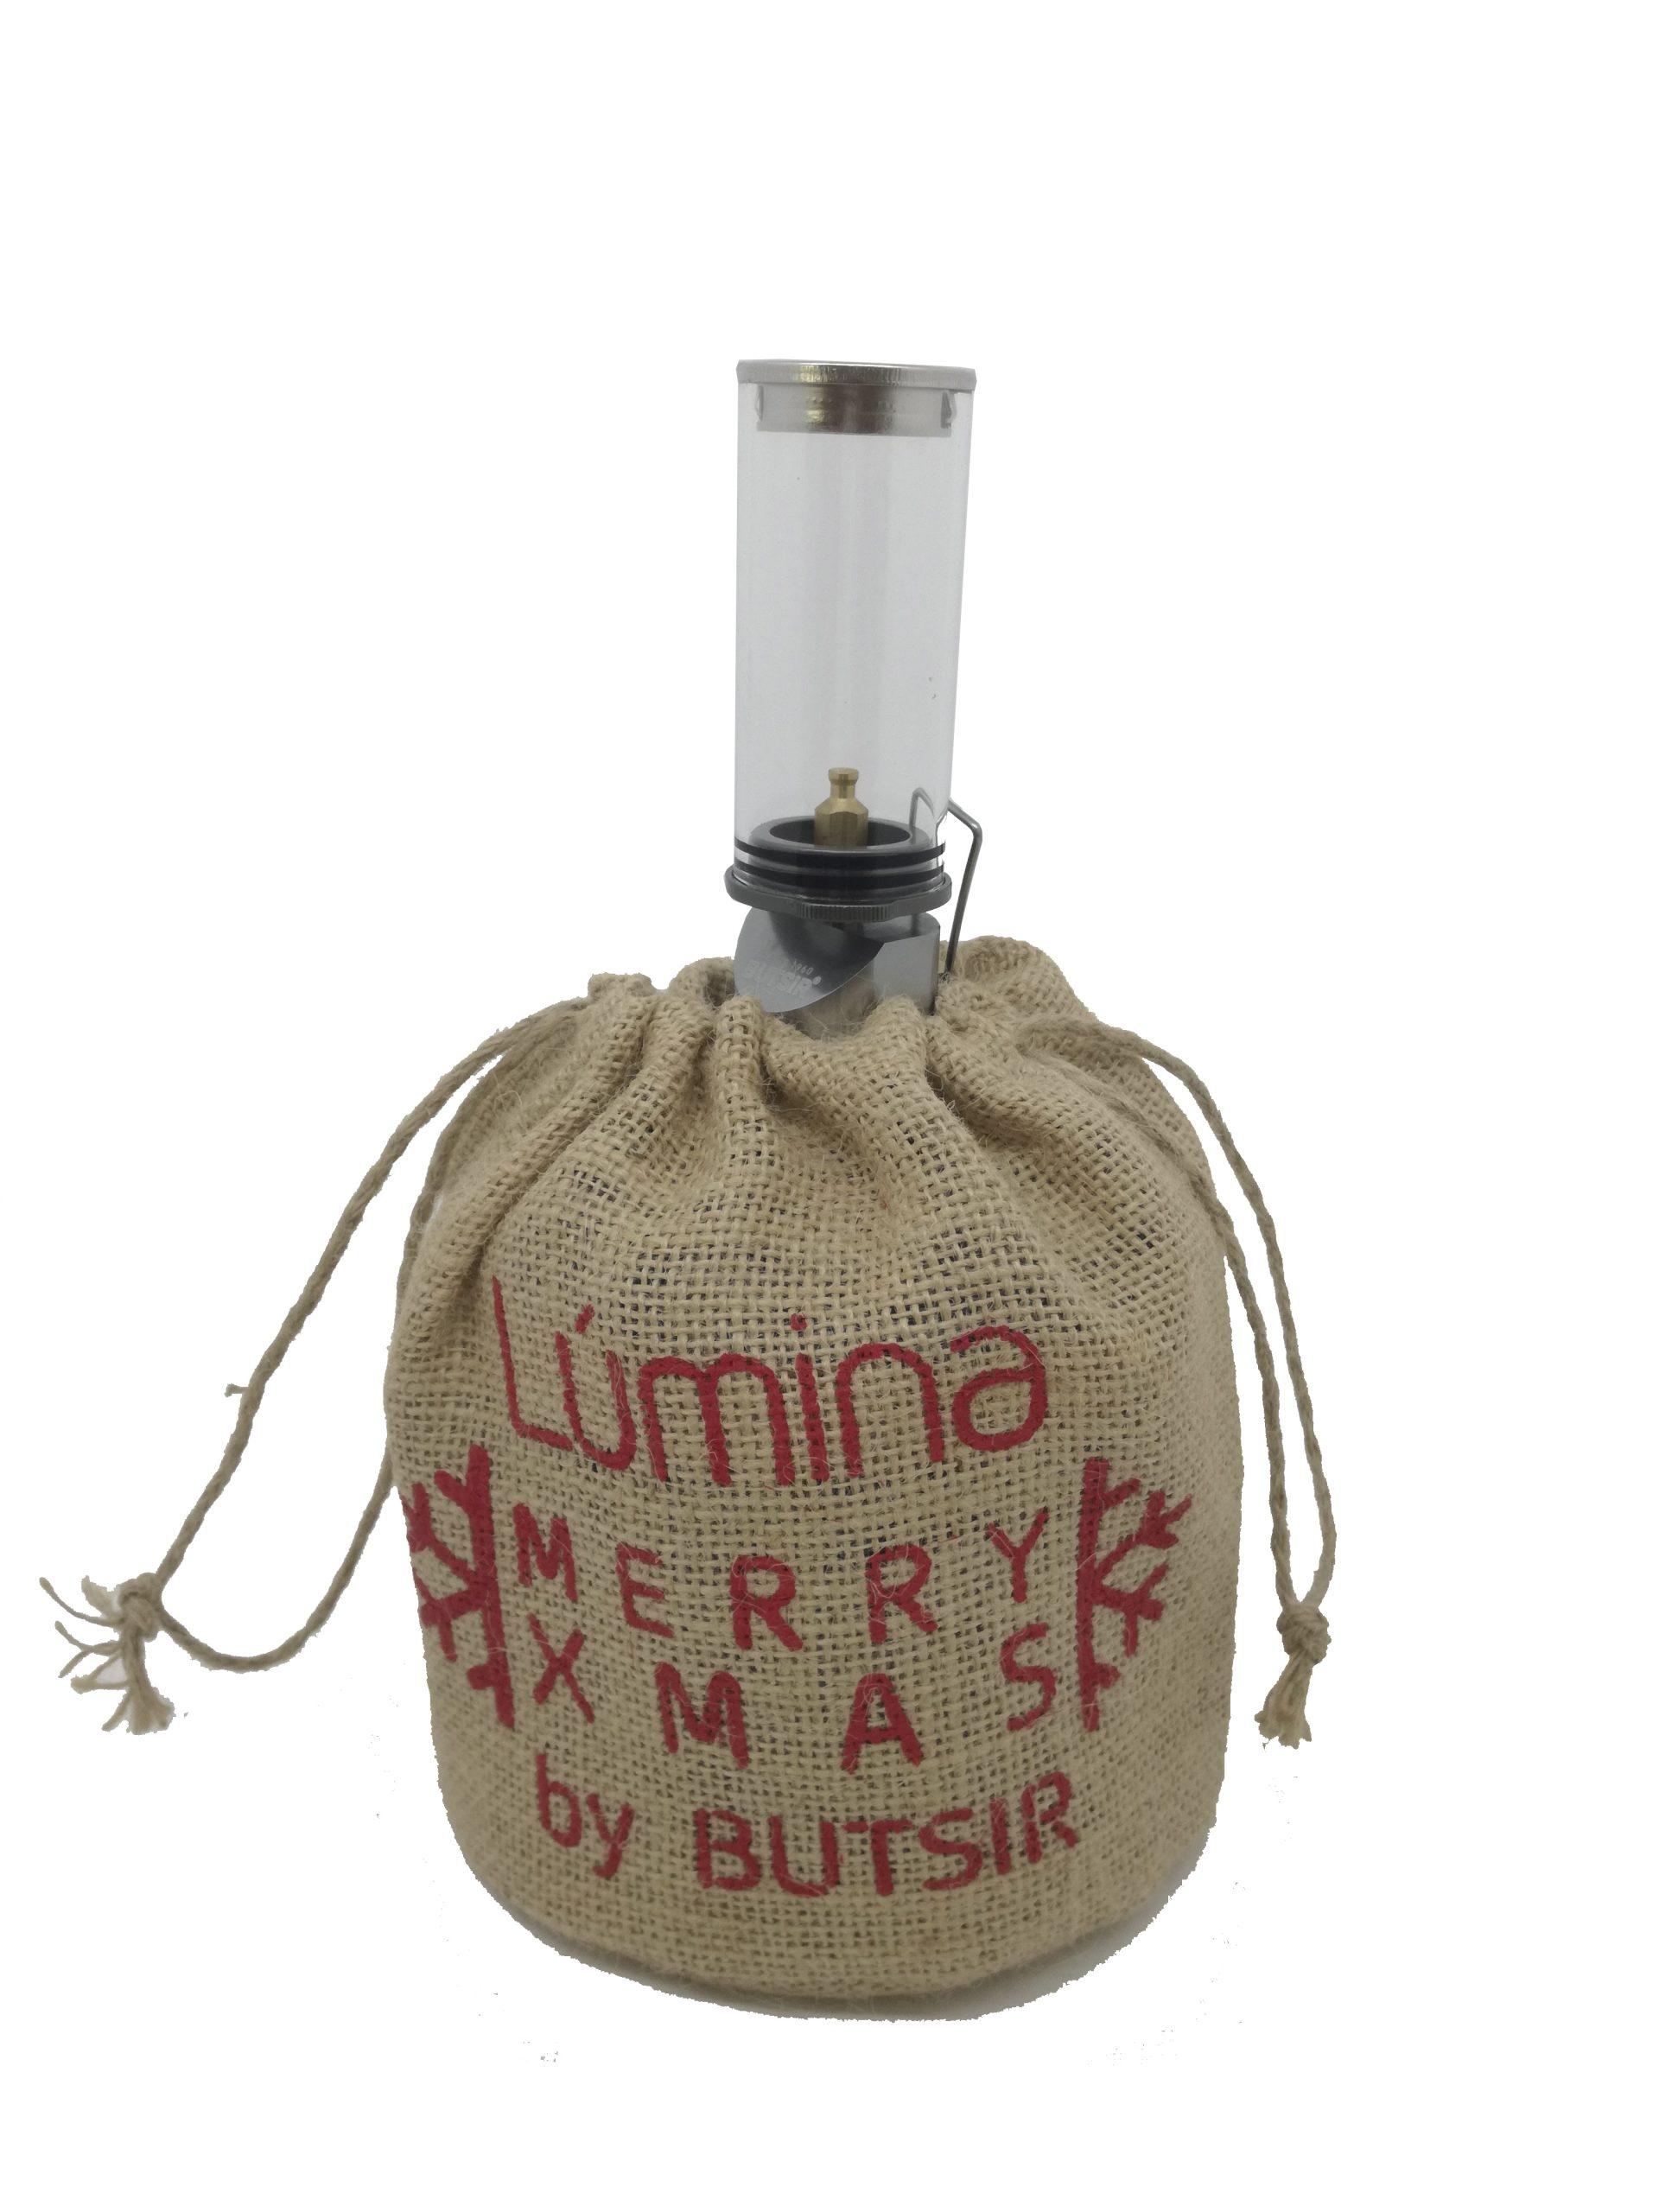 Vela de Gas Lúmina by BUTSIR